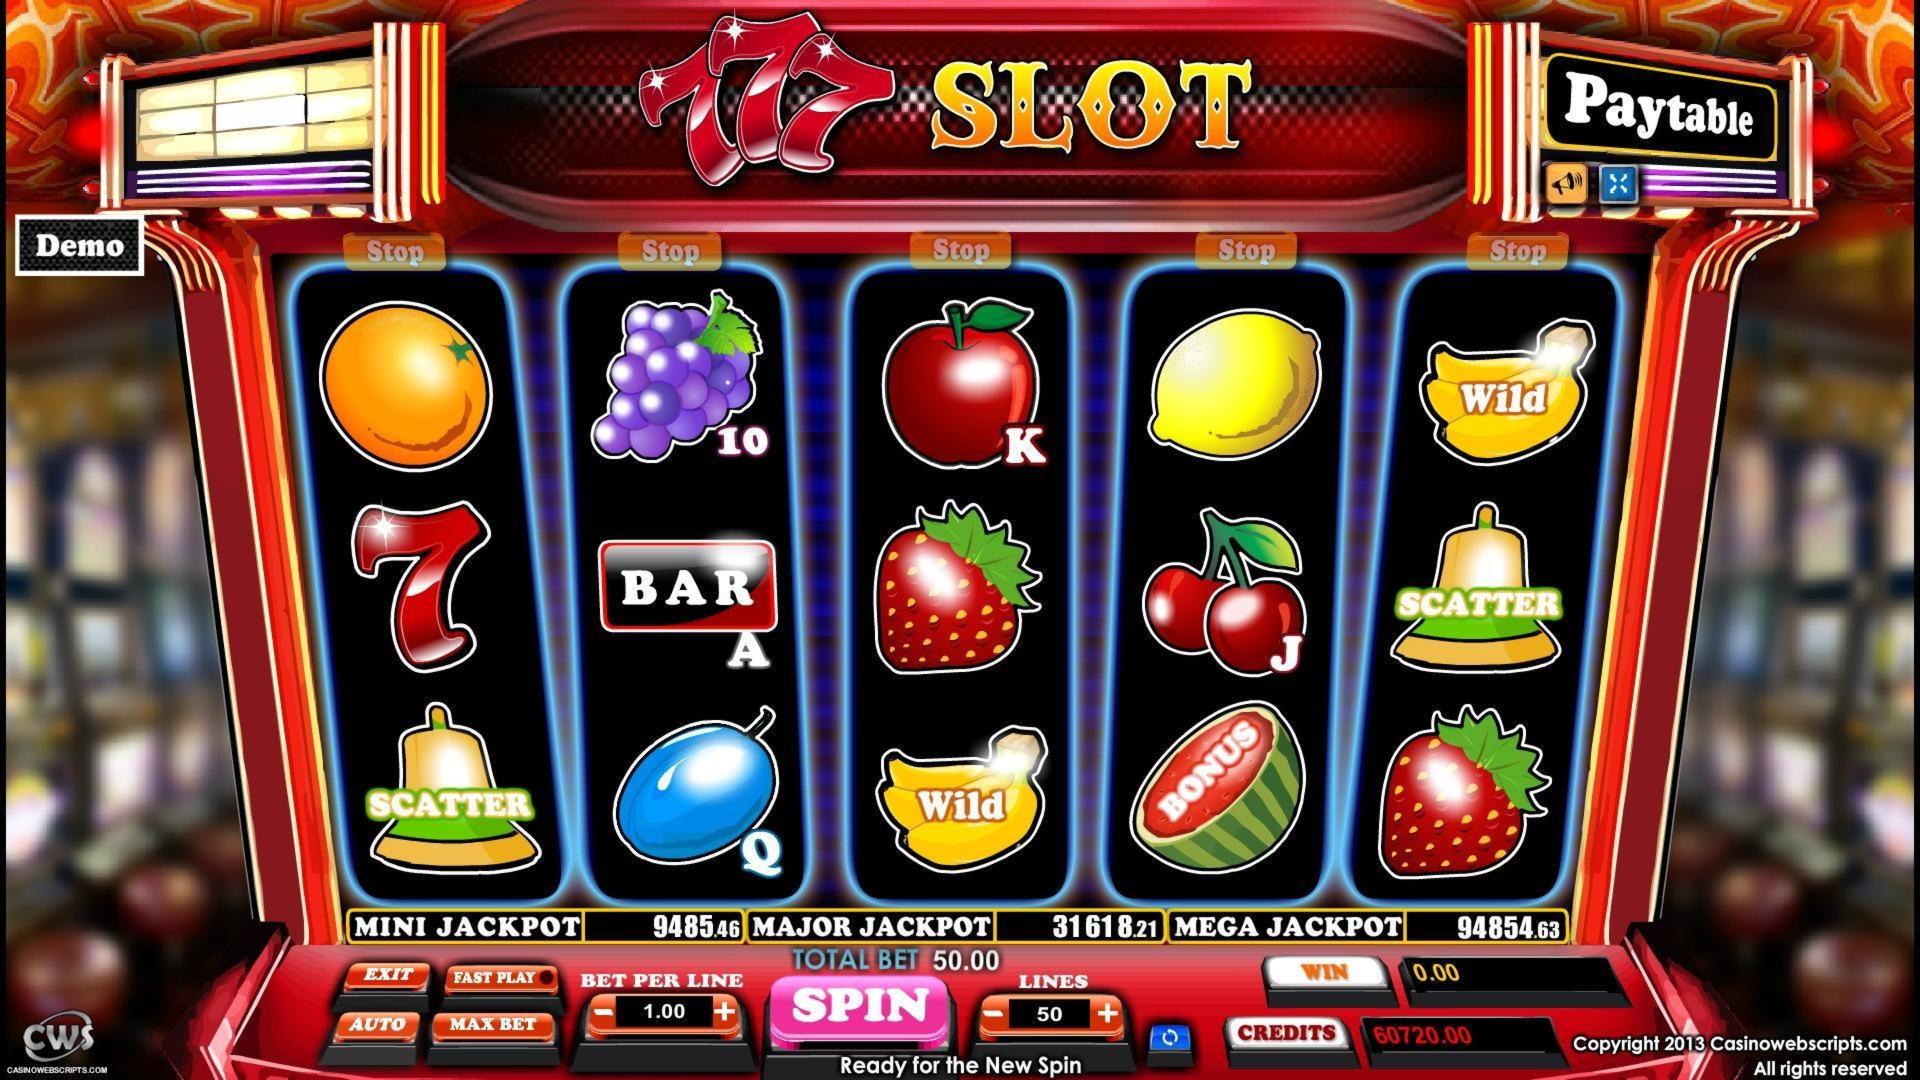 EUR 725 Online Casino Tournament at Secret Slots